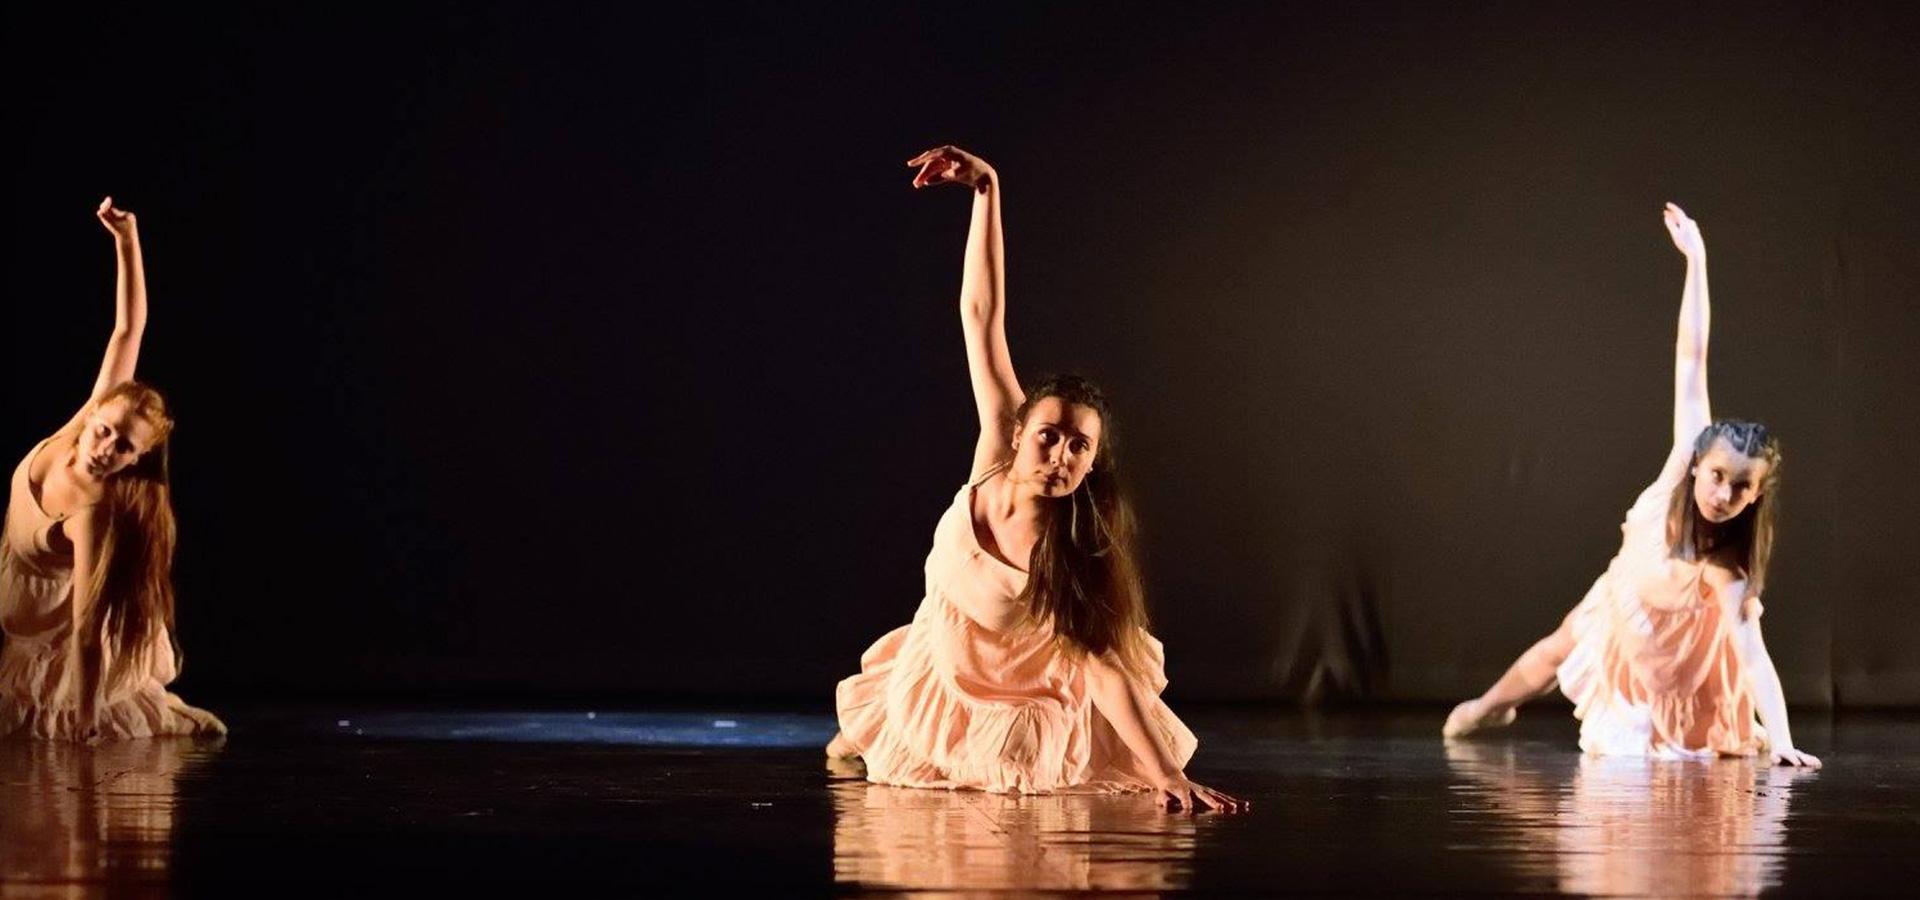 danses-et-cie-banniere-05